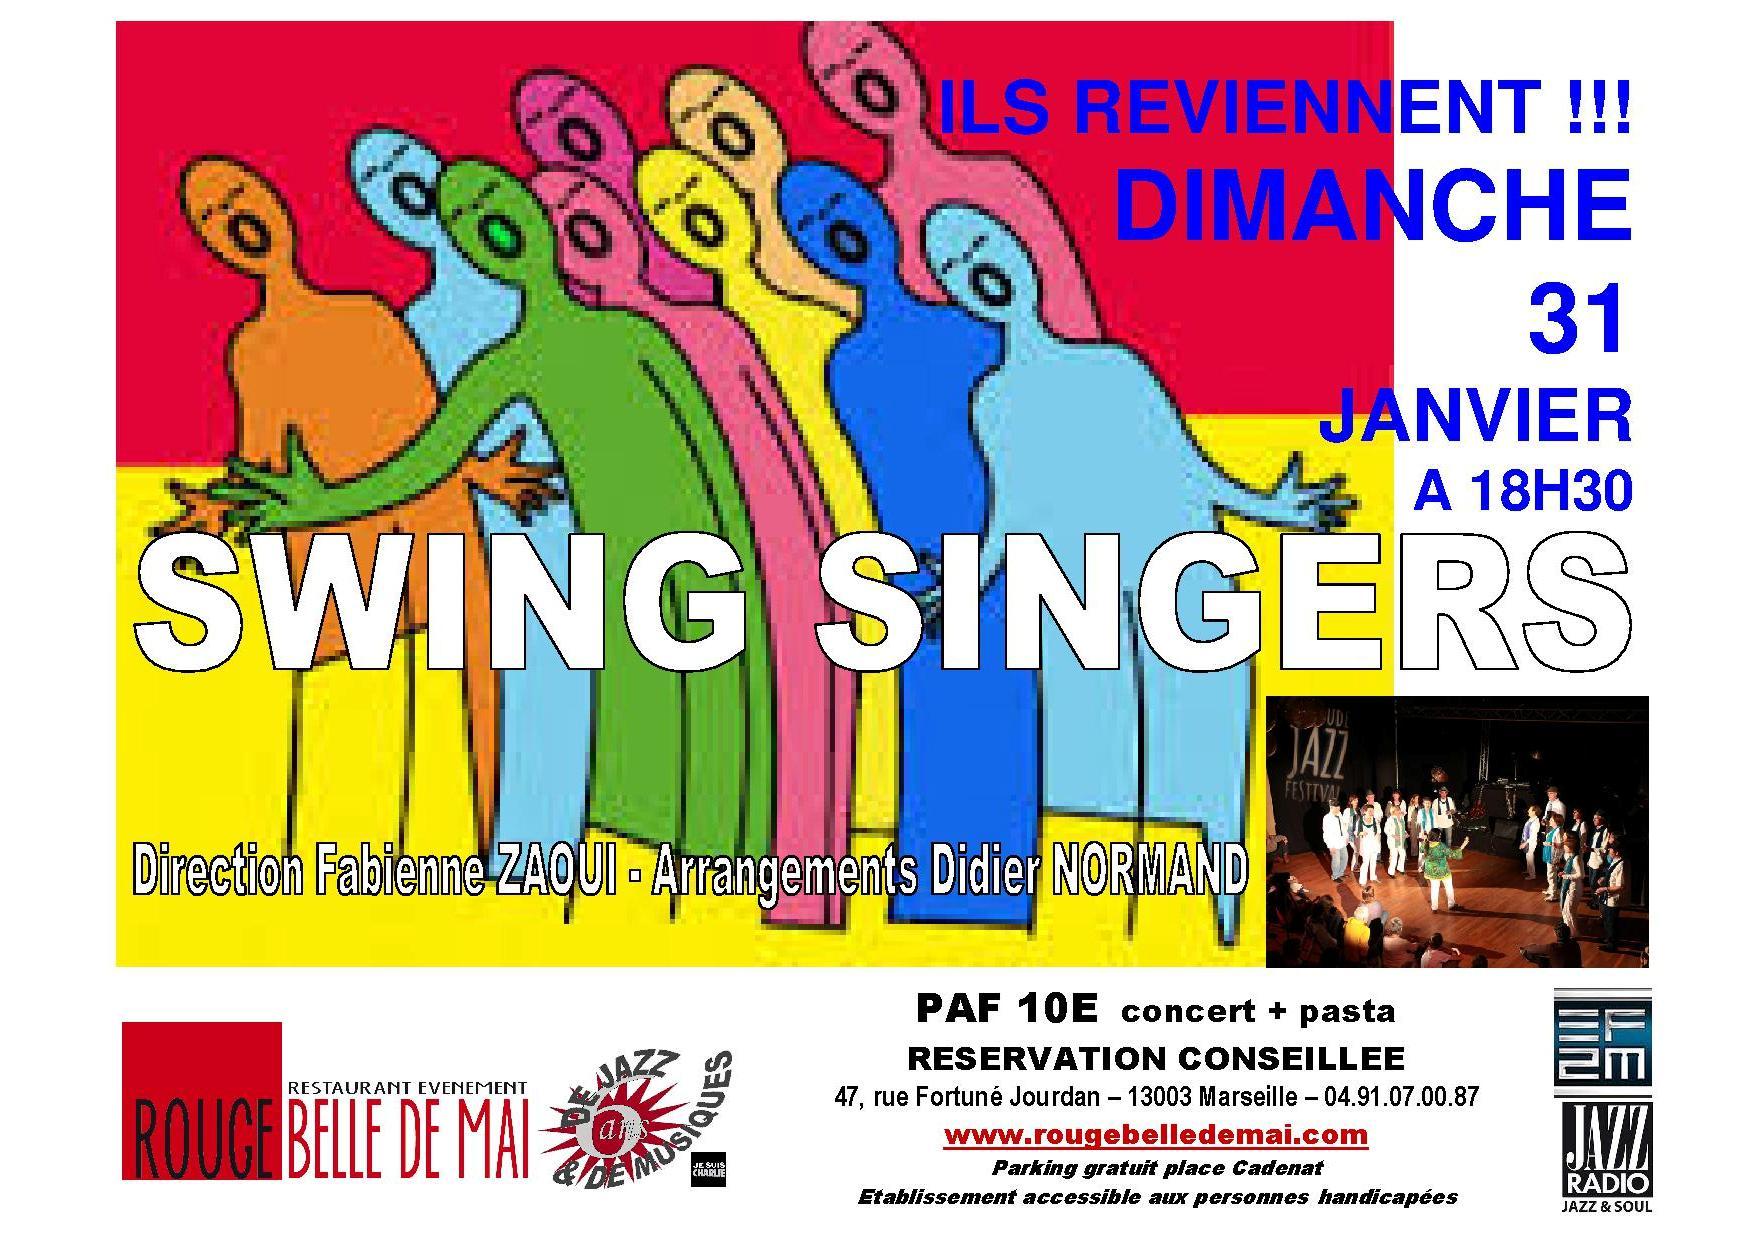 Swing singers au rouge 2016